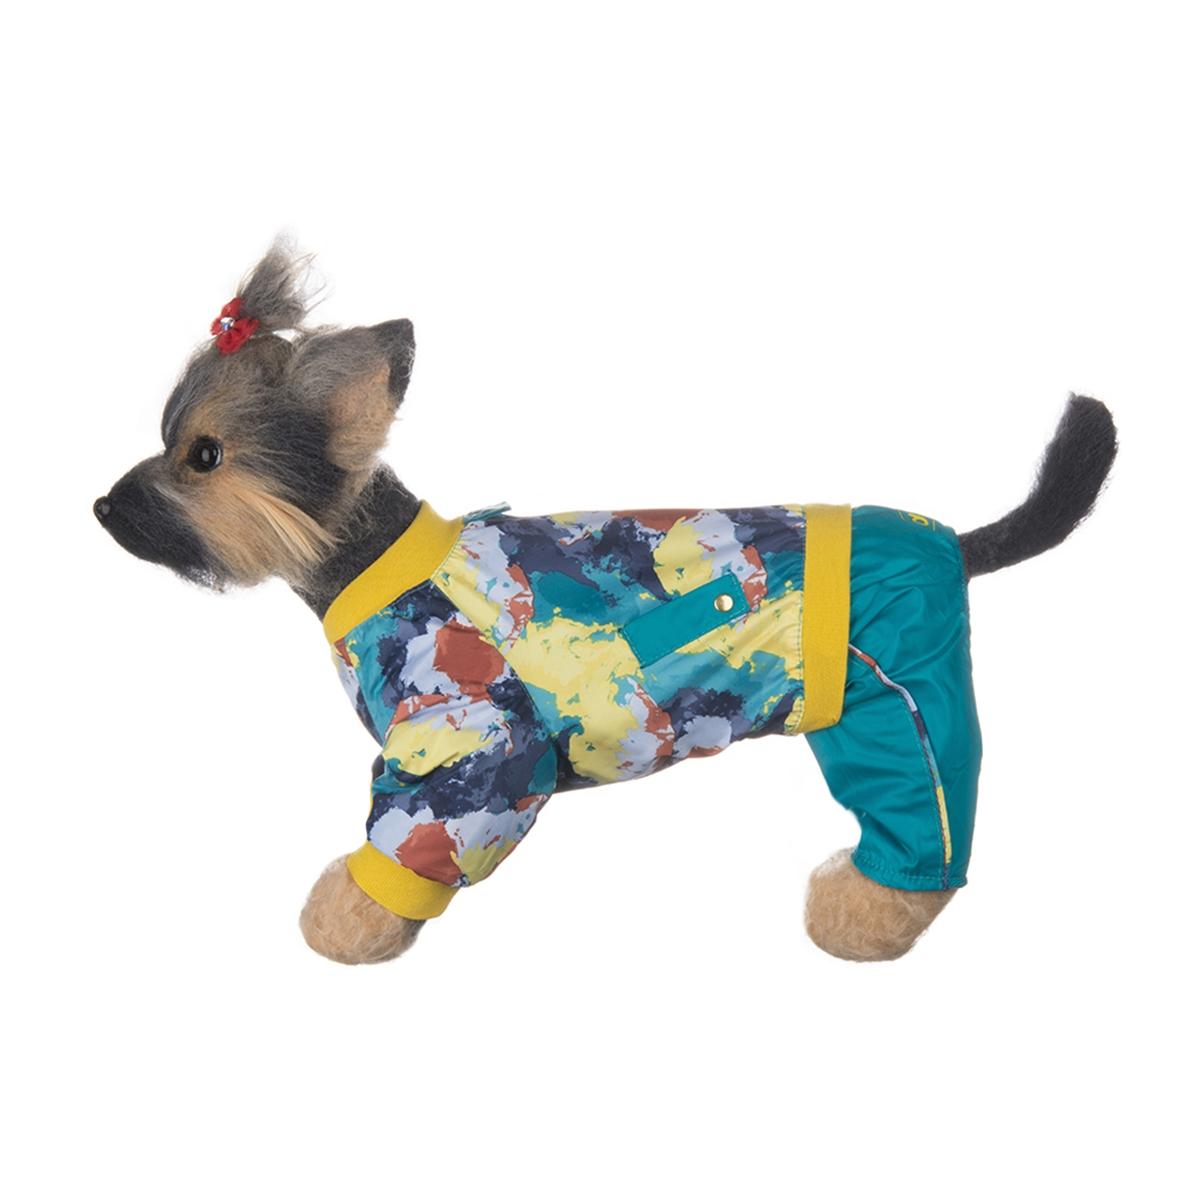 Комбинезон для собак Dogmoda Акварель, для мальчика, цвет: морской волны, желтый. Размер 1 (S)DM-150312-1Комбинезон для собак Dogmoda Акварель отлично подойдет для прогулок поздней осенью или ранней весной. Комбинезон изготовлен из полиэстера, защищающего от ветра и осадков, с подкладкой из флиса, которая сохранит тепло и обеспечит отличный воздухообмен. Комбинезон застегивается на кнопки, благодаря чему его легко надевать и снимать. Ворот, низ рукавов оснащены широкими трикотажными манжетами, которые мягко обхватывают шею и лапки, не позволяя просачиваться холодному воздуху. На пояснице комбинезон декорирован трикотажной резинкой. Благодаря такому комбинезону простуда не грозит вашему питомцу и он не даст любимцу продрогнуть на прогулке.